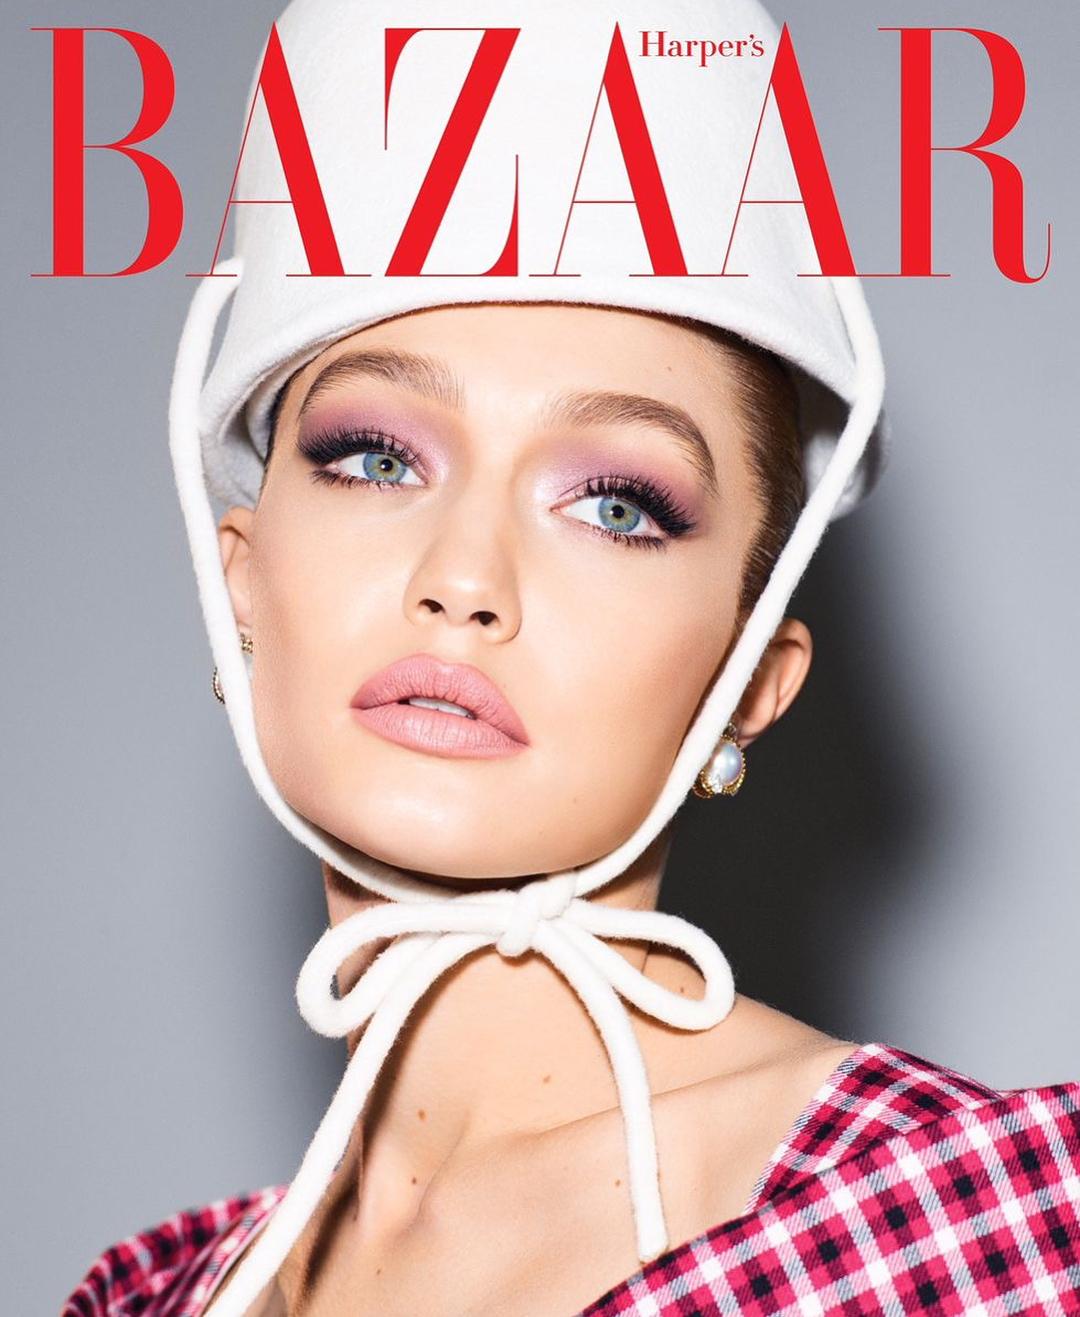 Foto: Harper's Bazaar USA